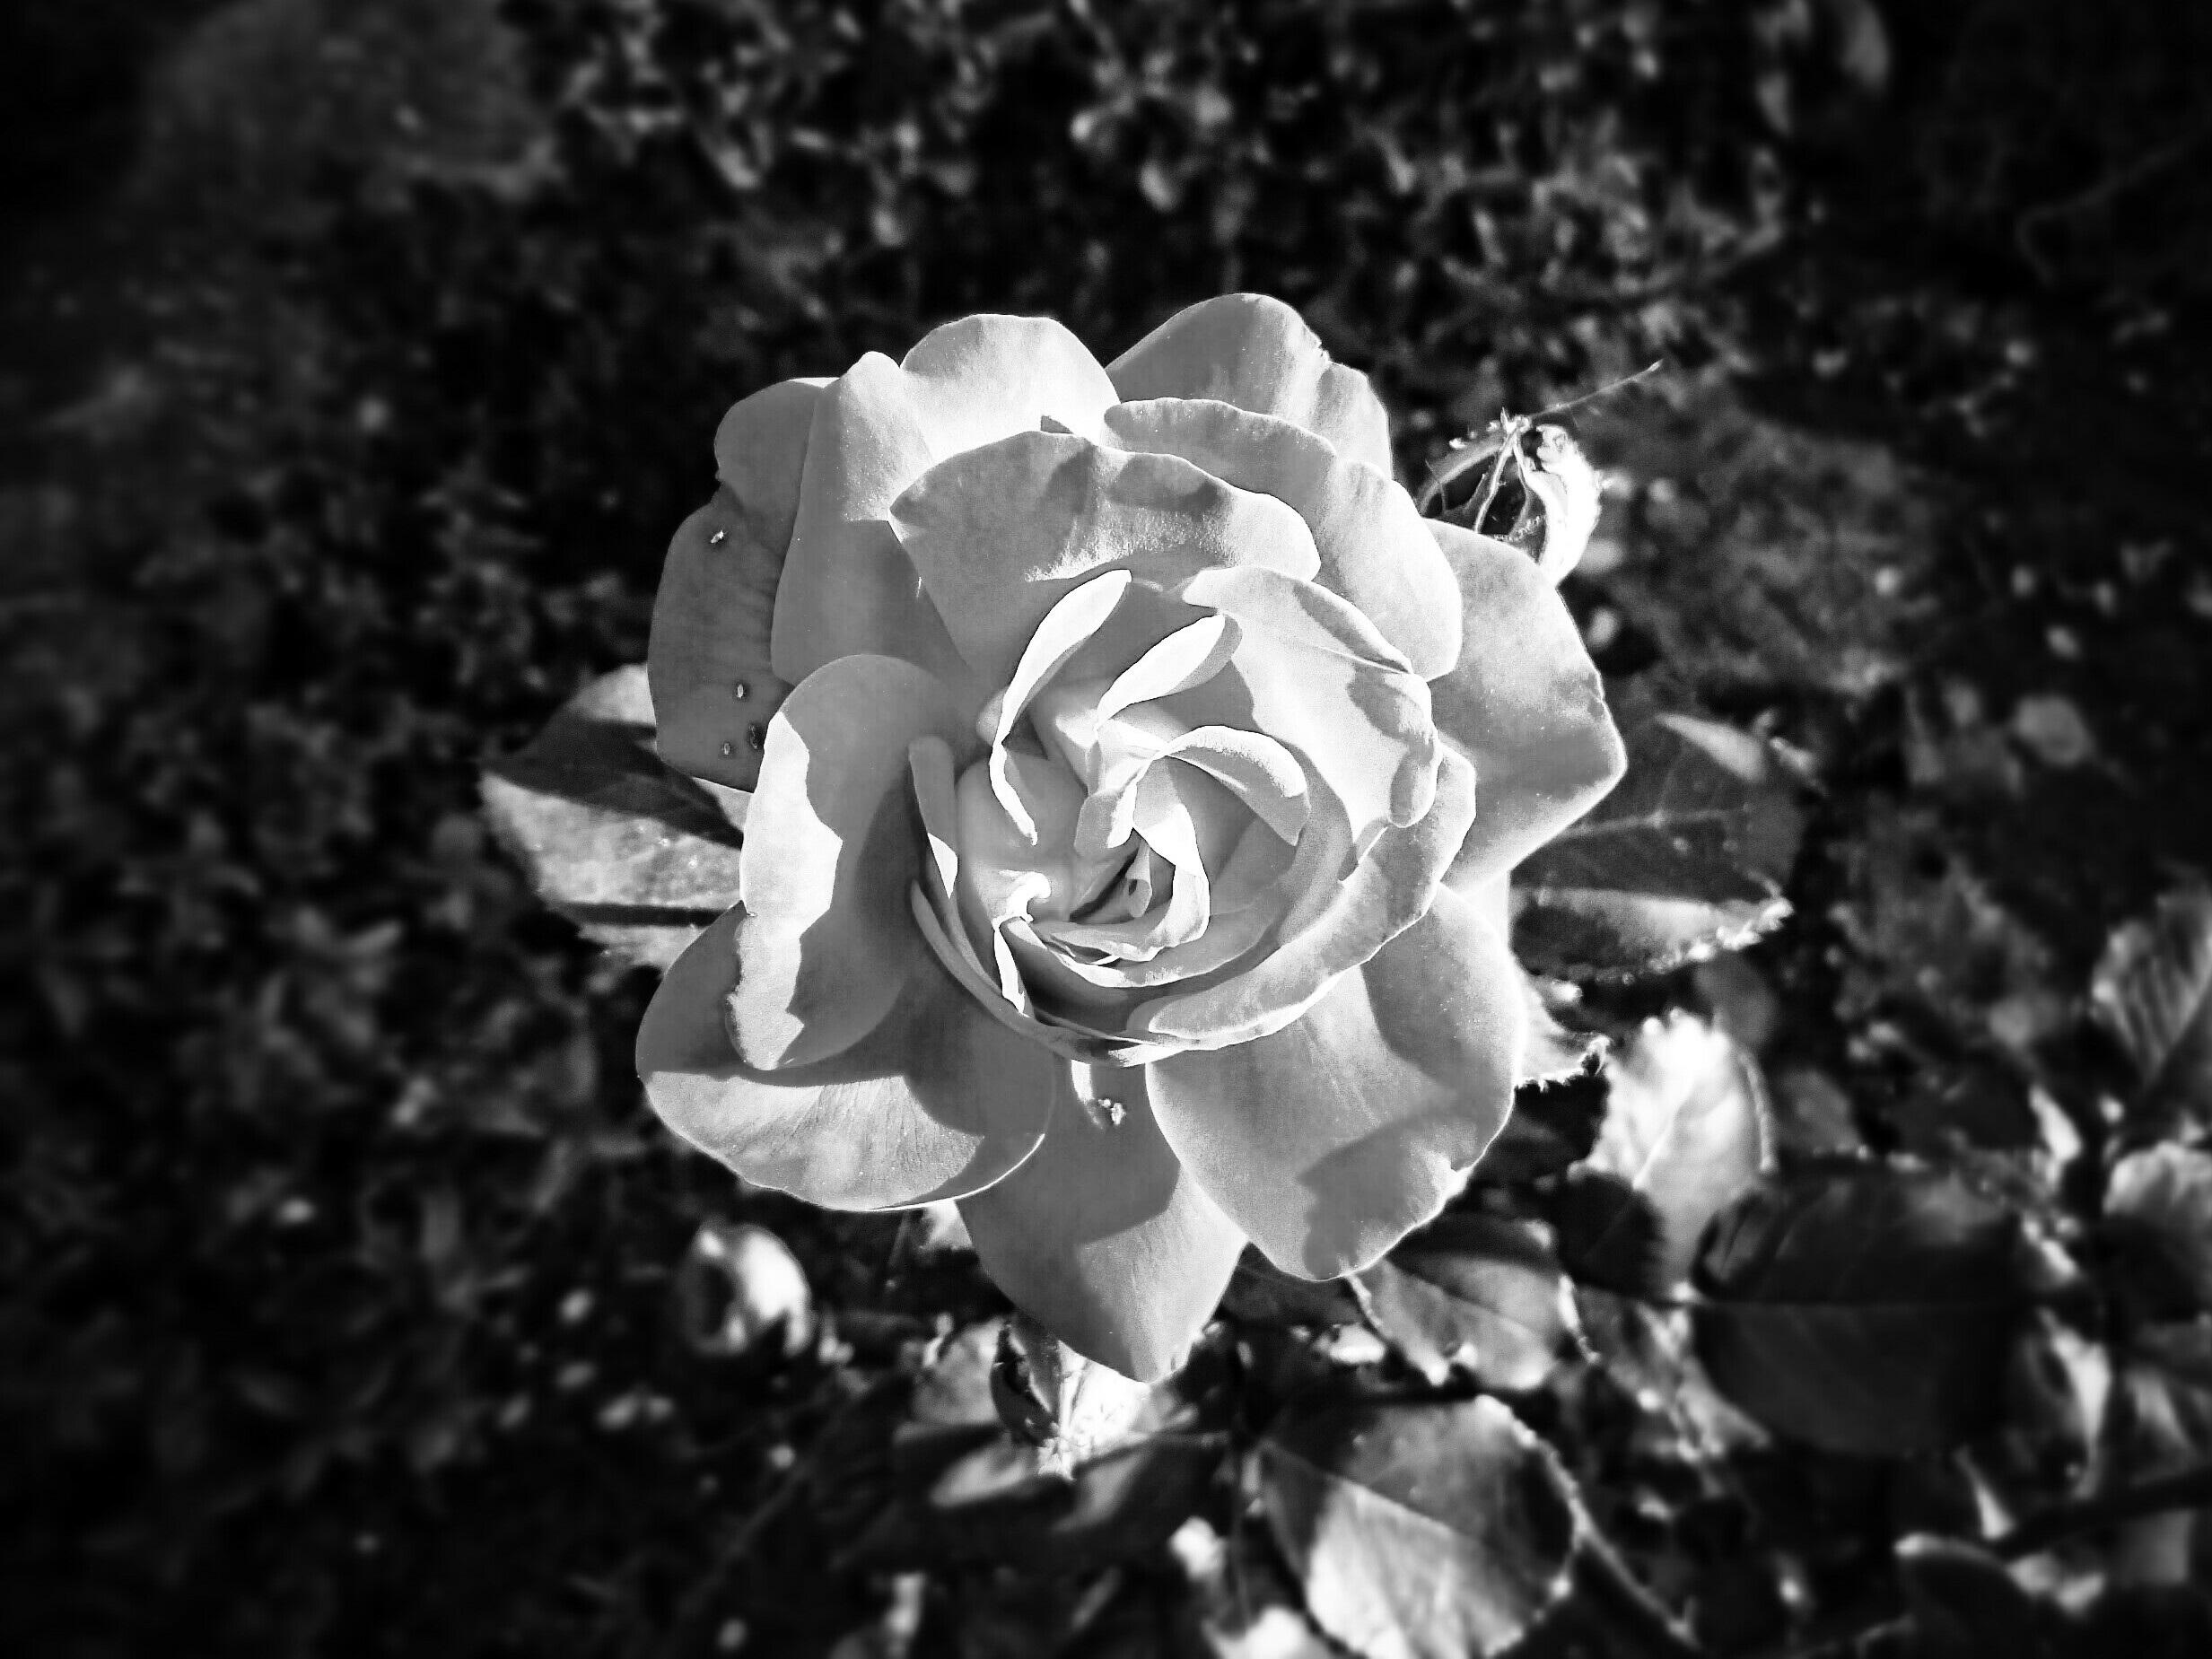 розы черно белые фотографии поскольку моей